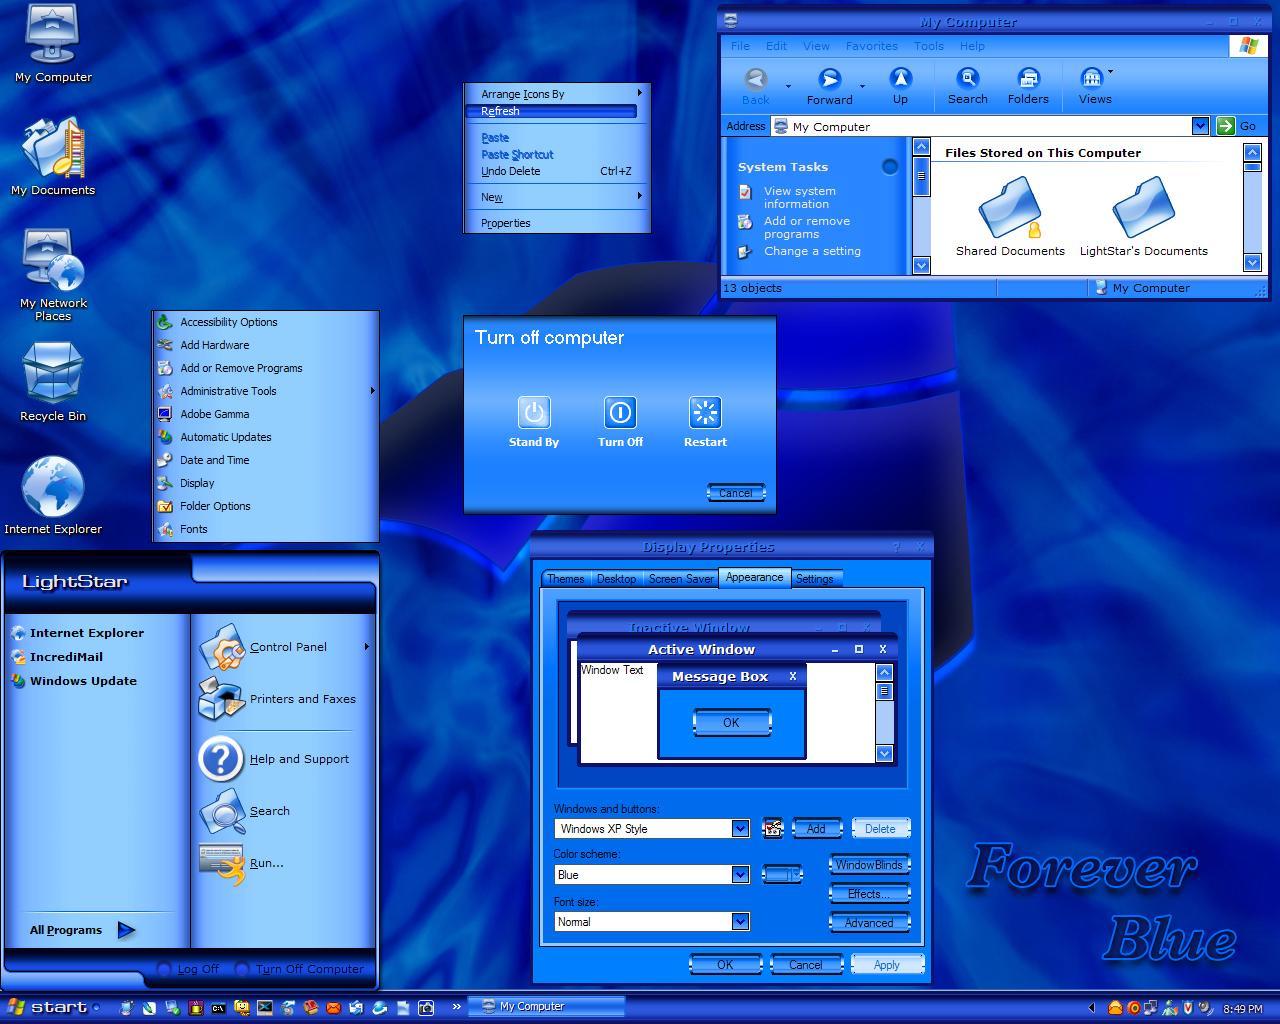 قنبلة المنتدى نسخة windows xp mistermando من تصميمي الخاص بأشكال خرافية برابط واحد مباشر 518010423